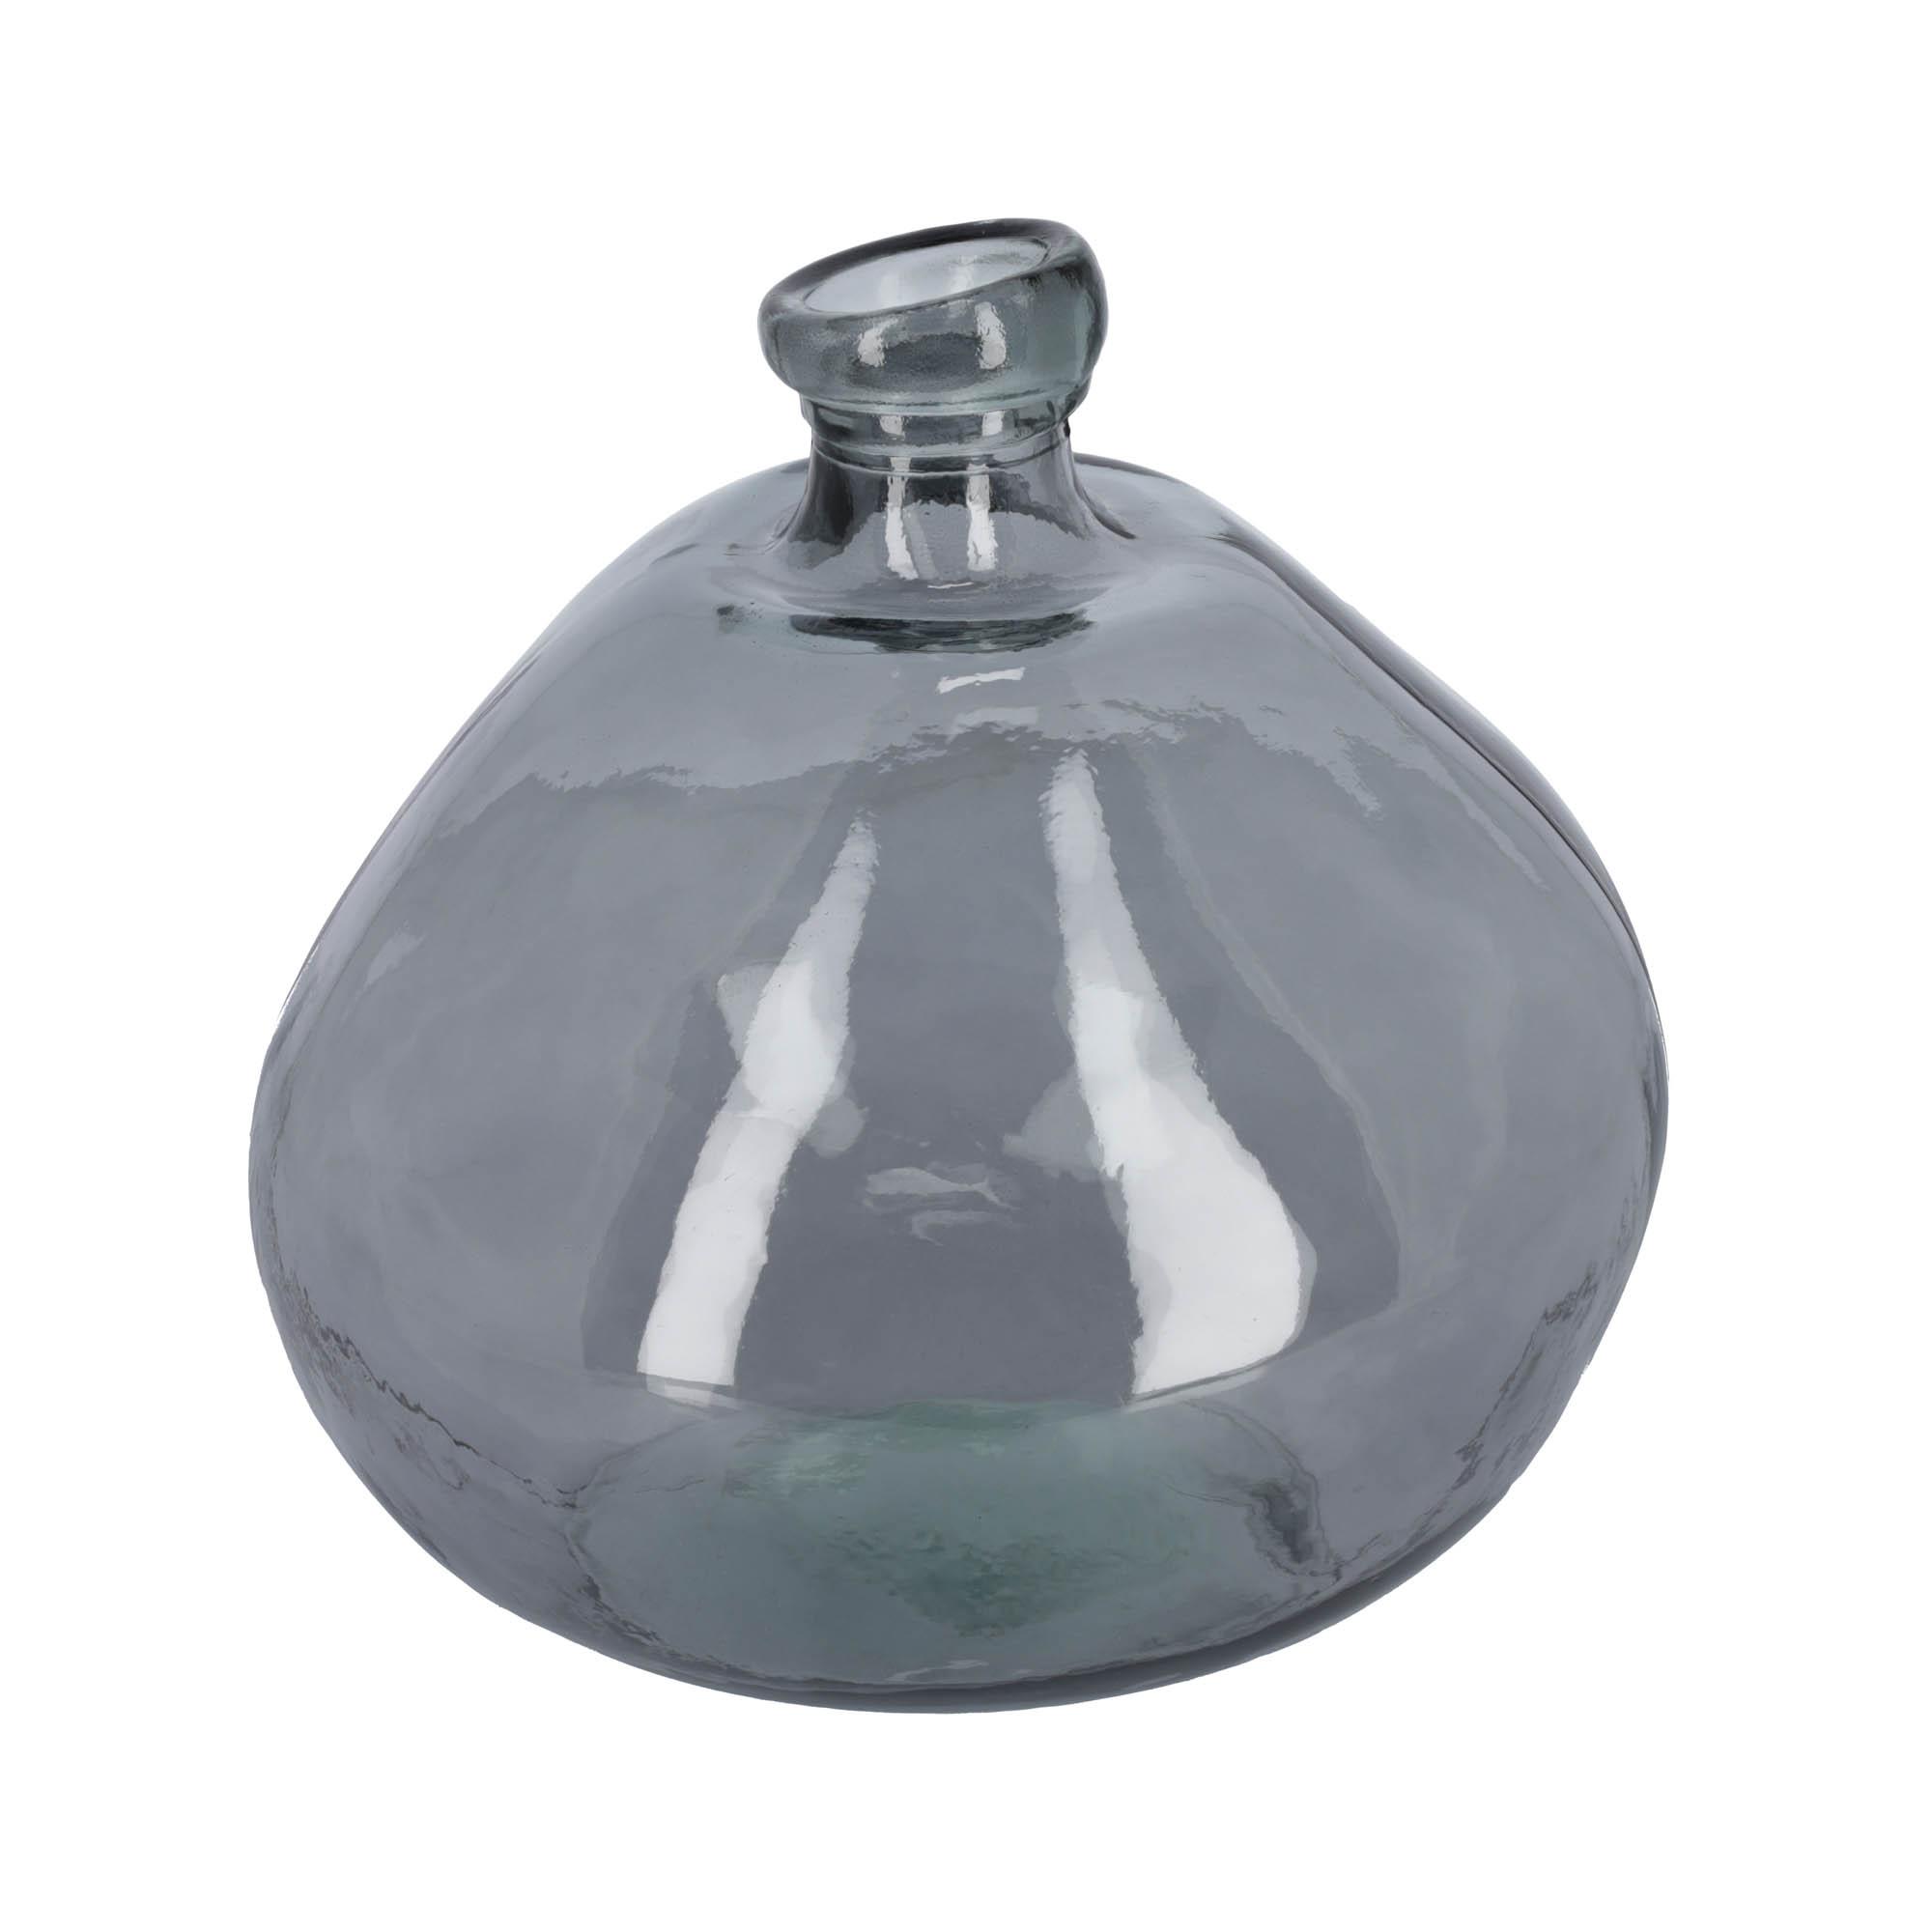 Kave Home - Breena big blue vase | Dekoration > Vasen > Tischvasen | Kave Home